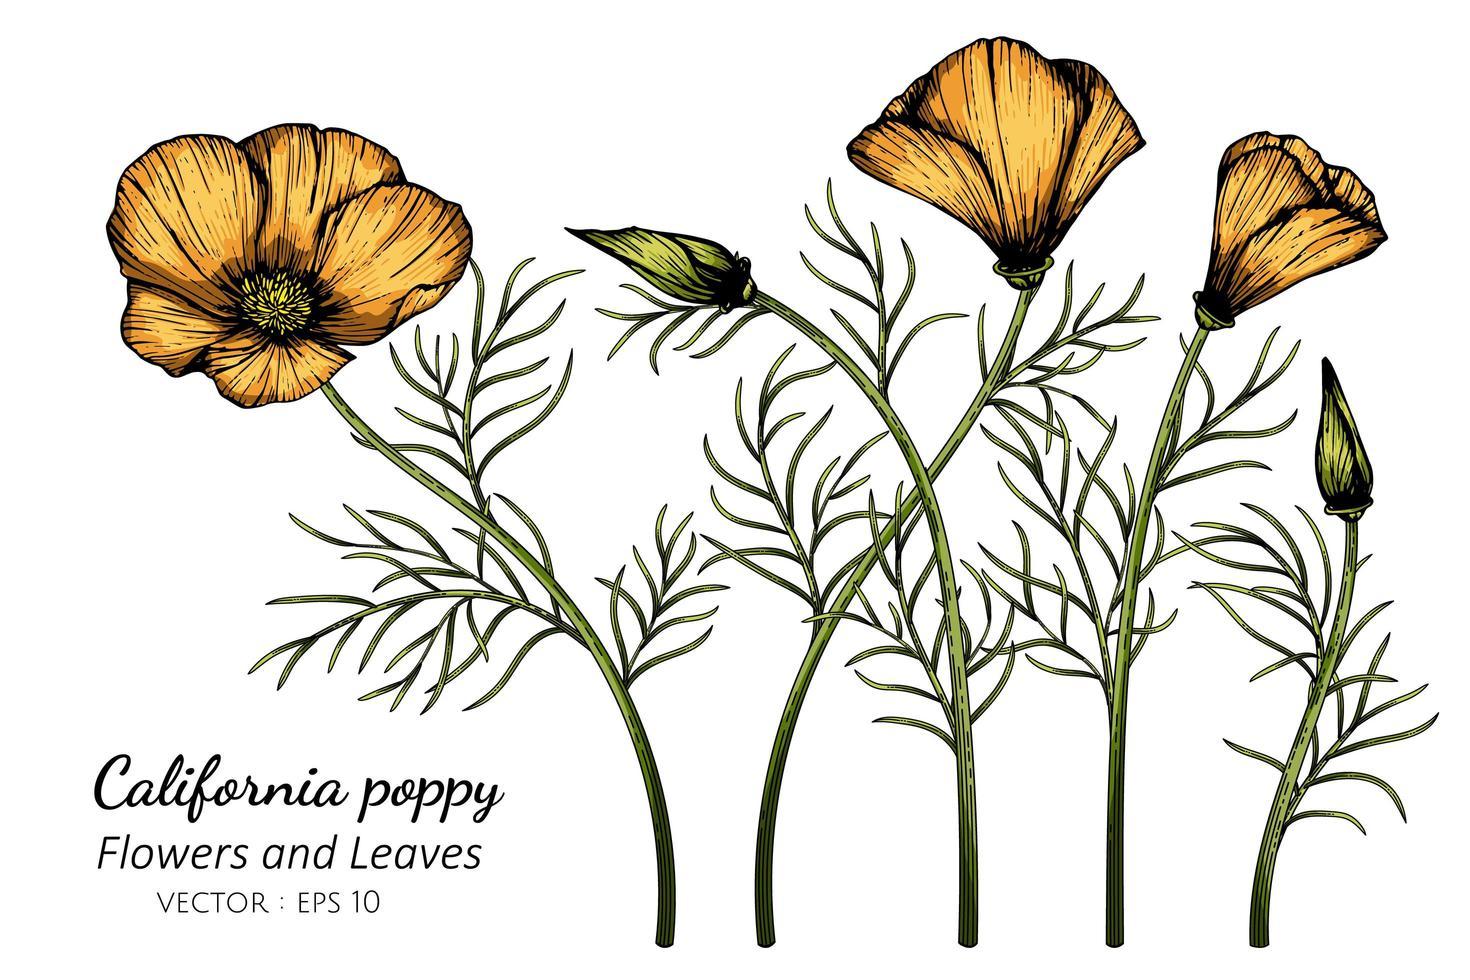 dessin de fleur de pavot orange californie vecteur